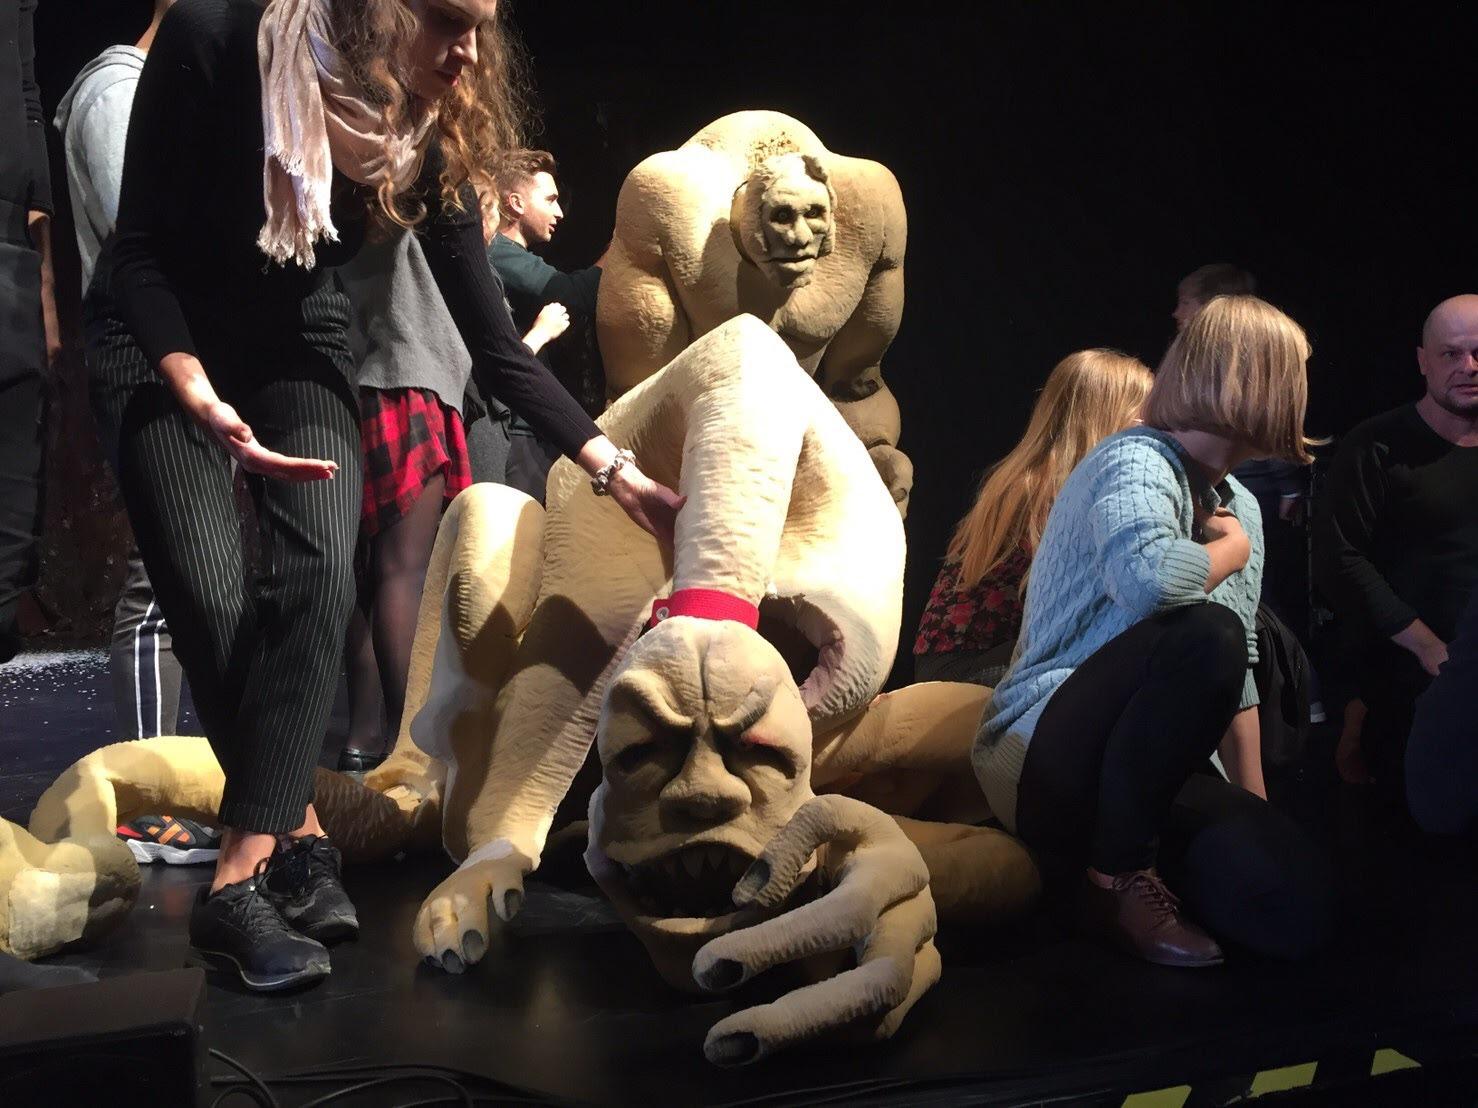 終演後には観客にもパペットを触らせてくれるので、おとなも大興奮!